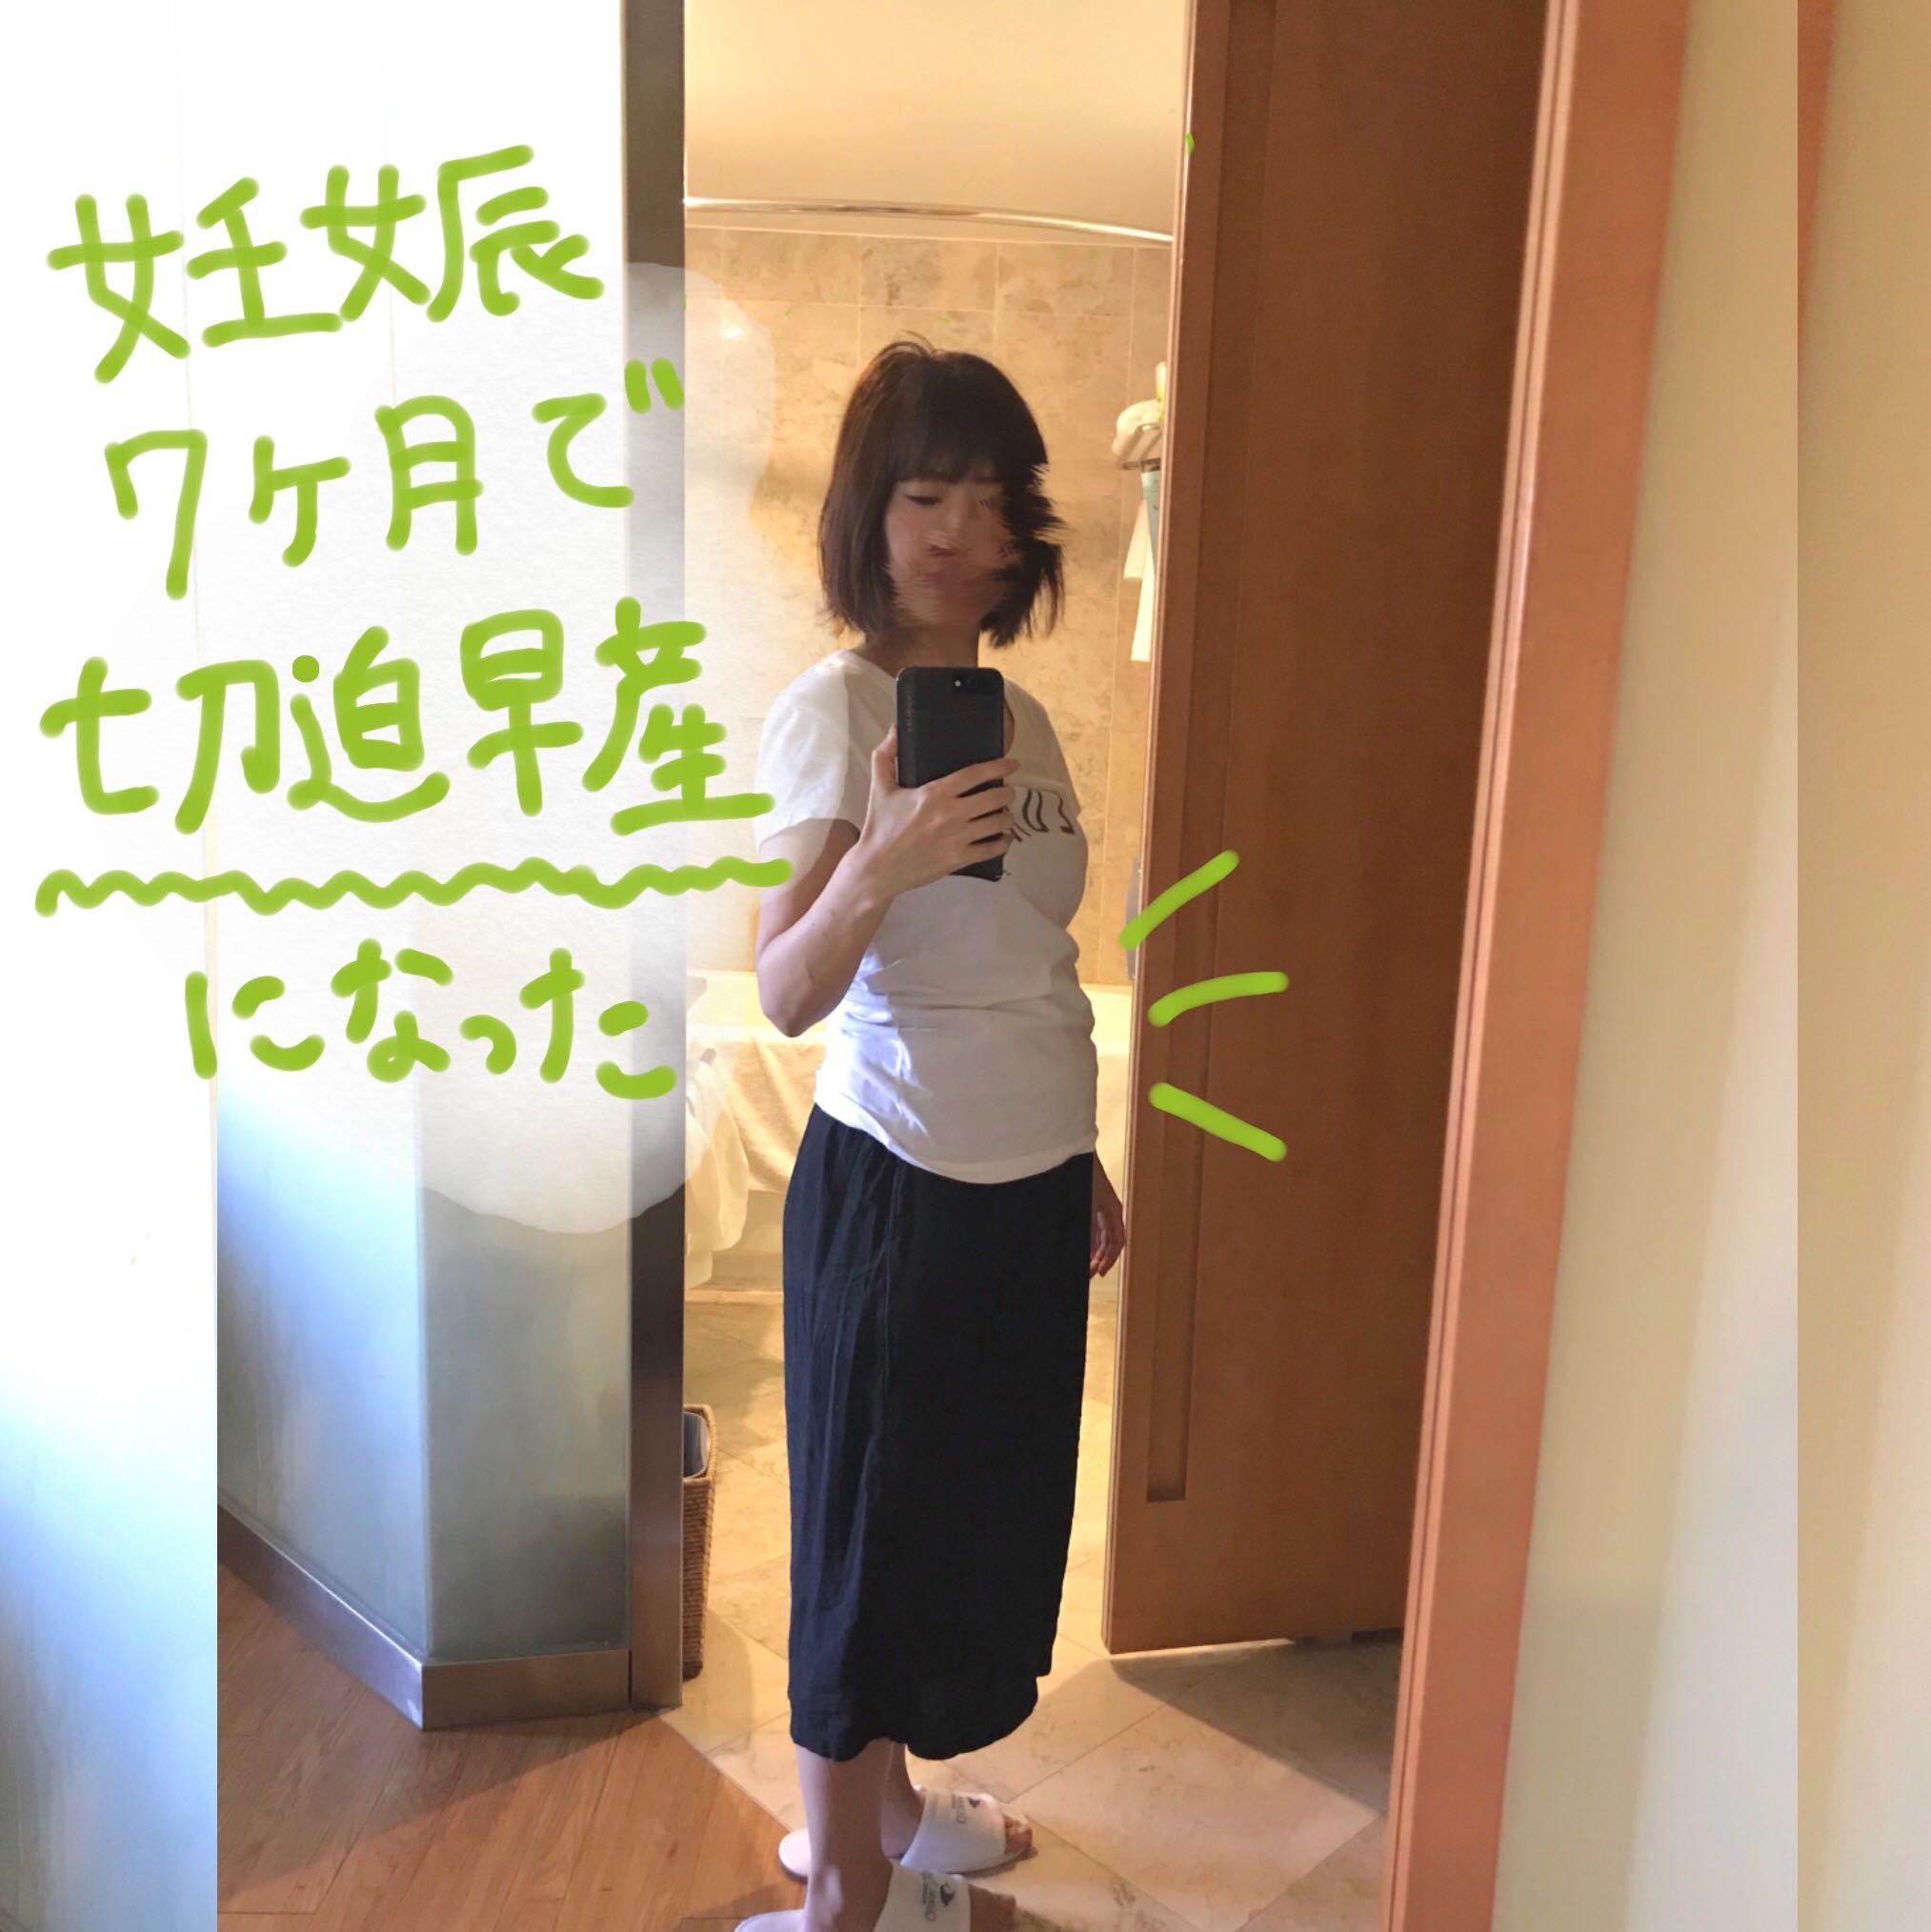 ヶ月 妊娠 7